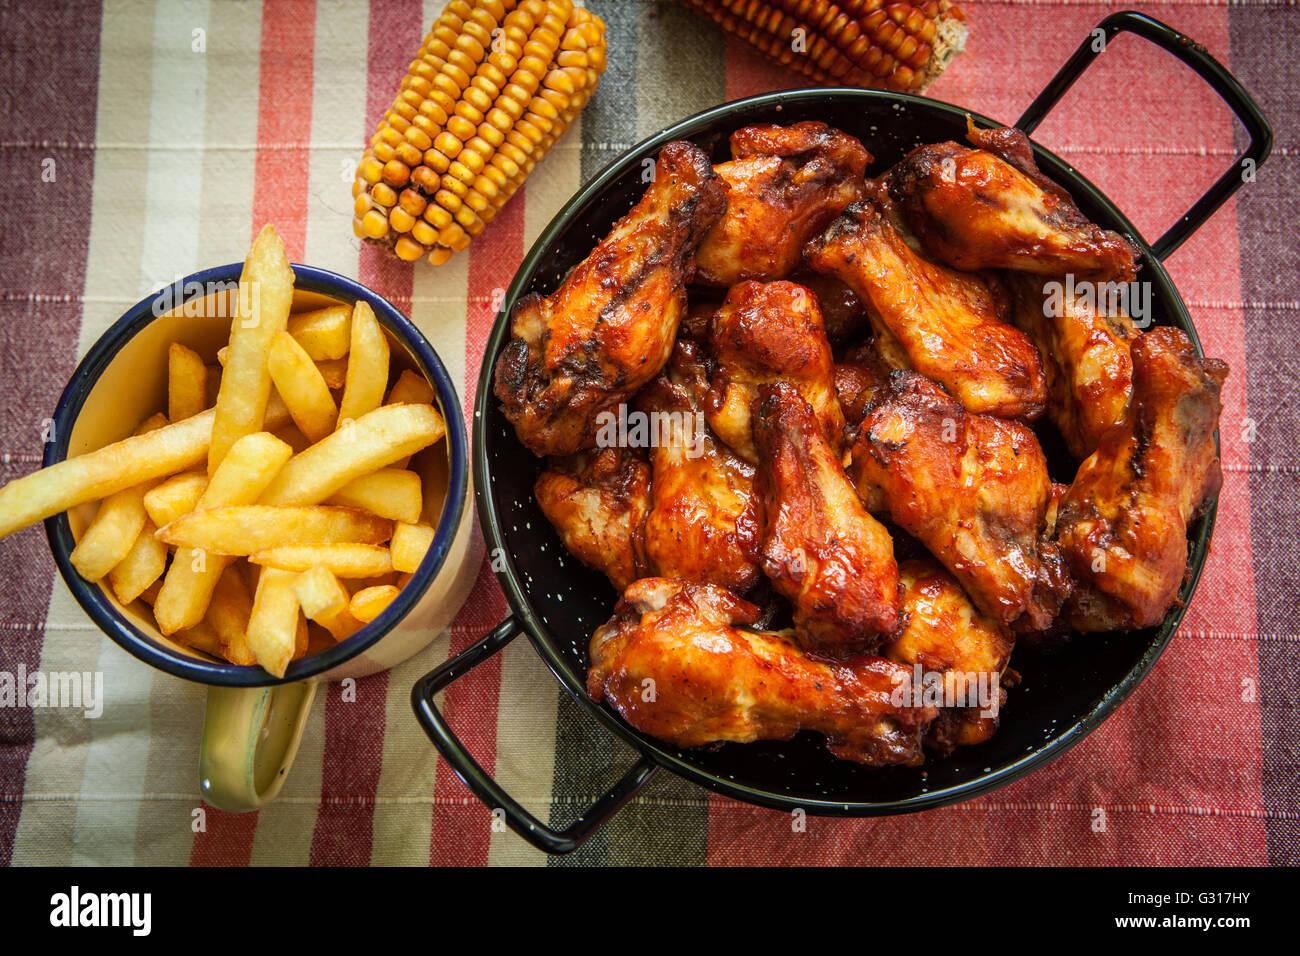 Cuisse de poulet frit avec des frites Photo Stock